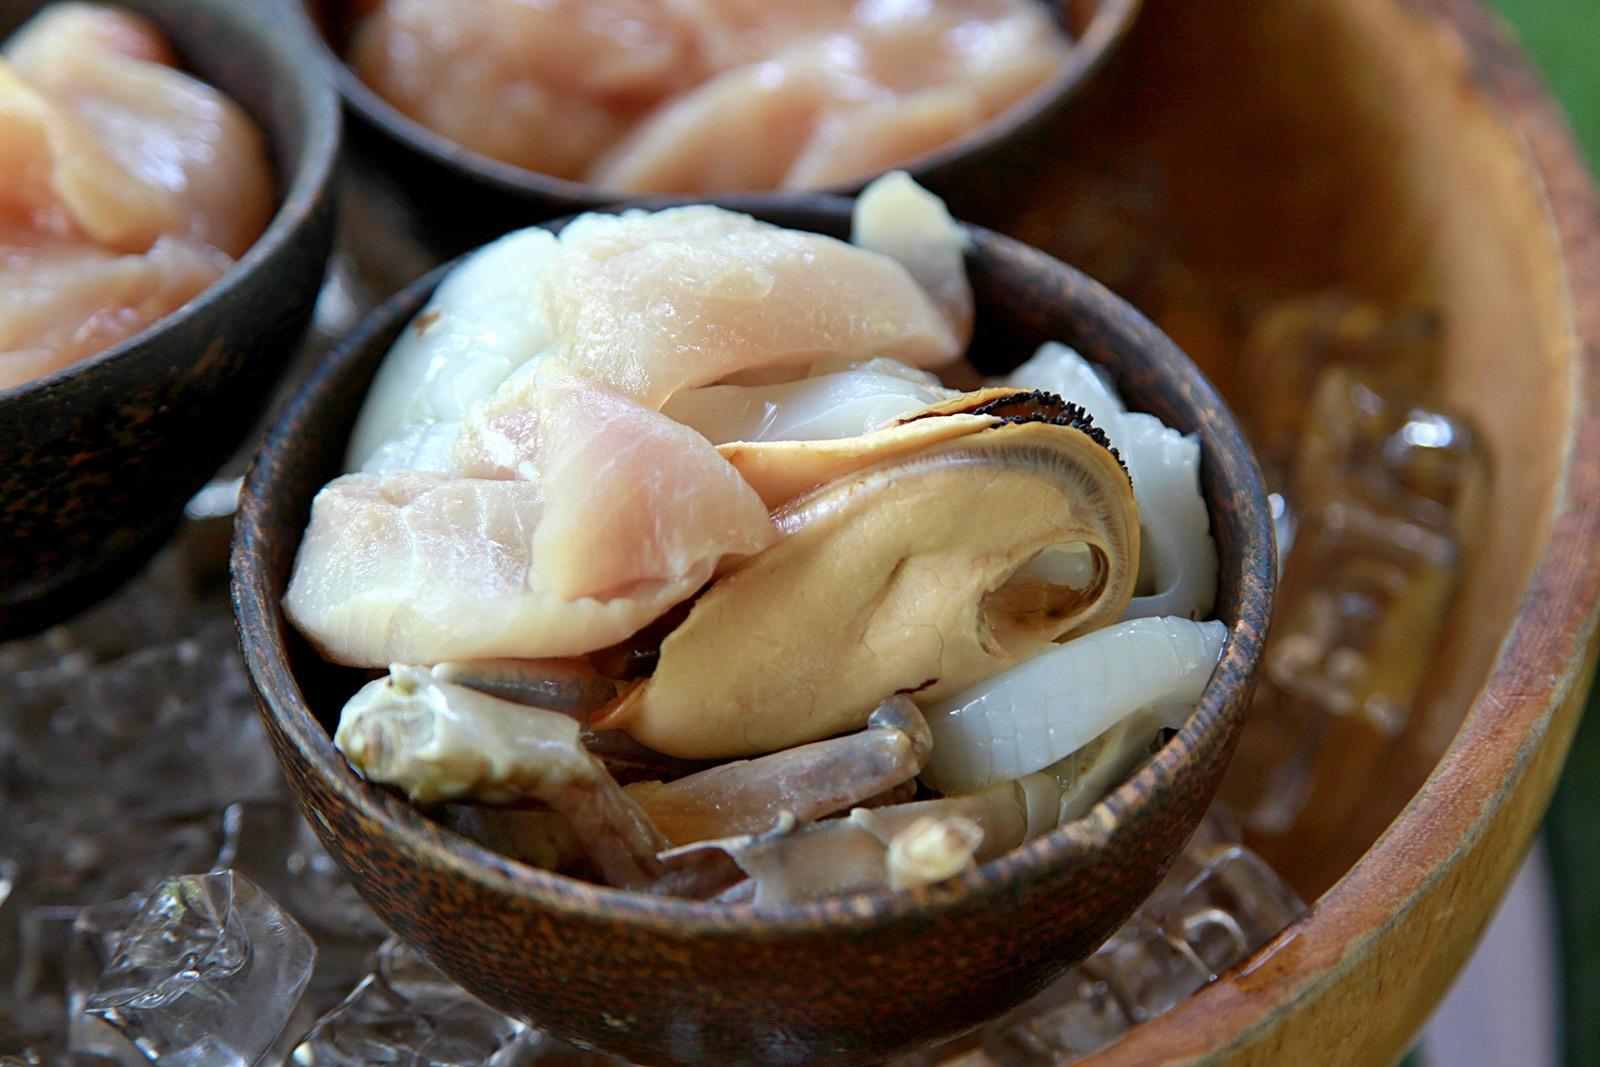 Rybu a mořské plody vybírejte zaručeně čerstvé